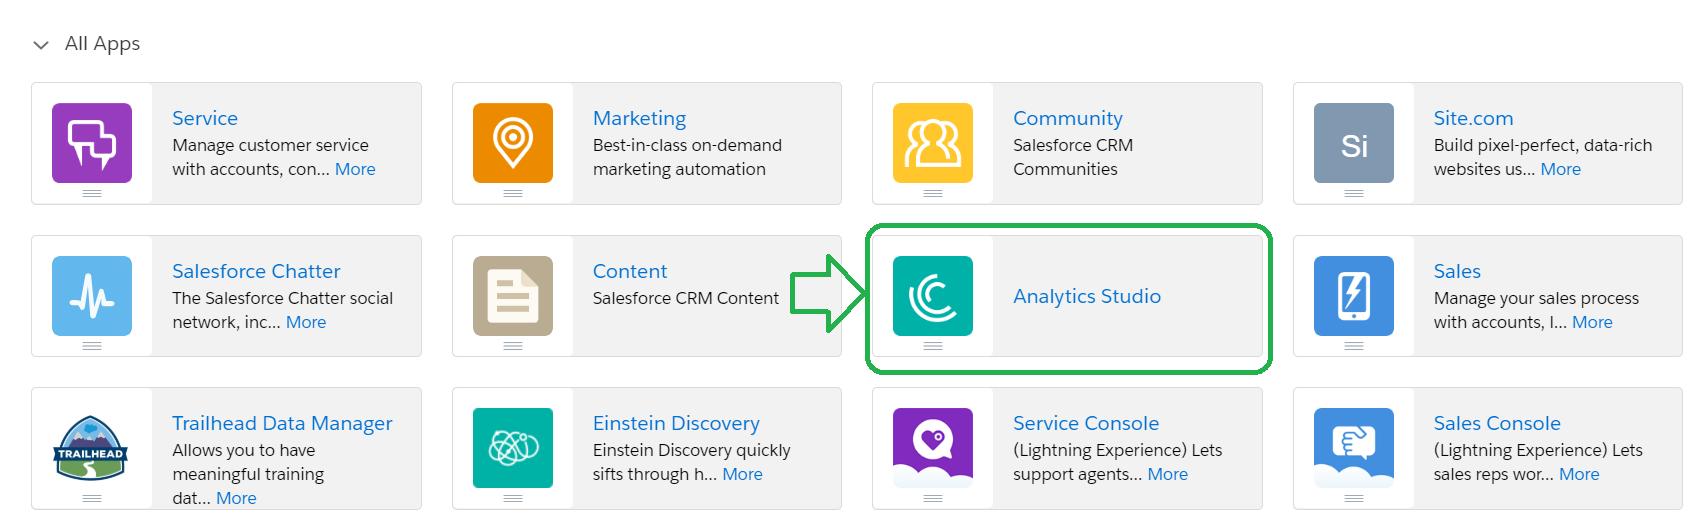 Salesforce_Einstein_Analytics image2